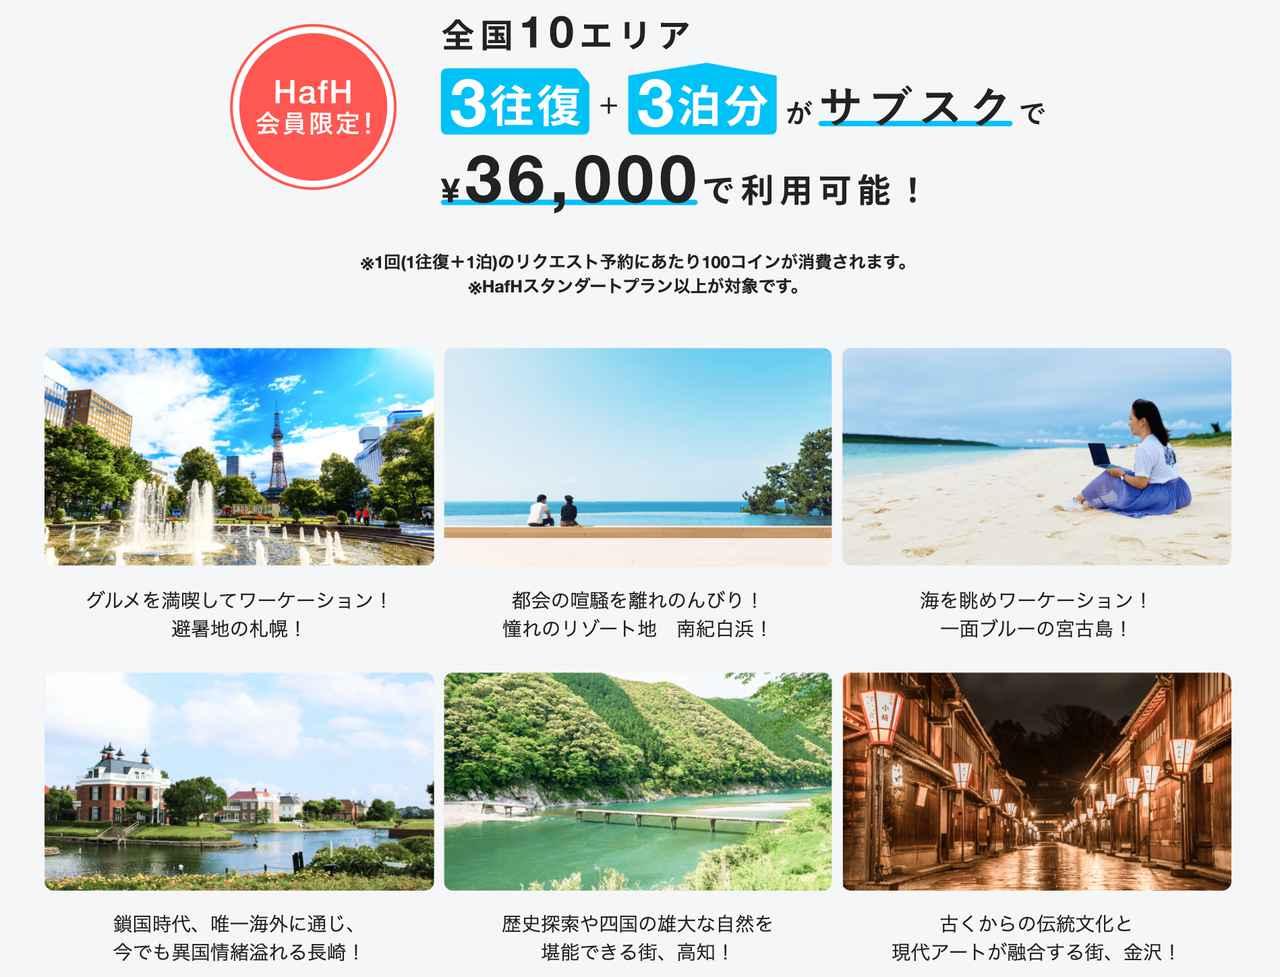 画像1: JAL史上初の挑戦、1泊1往復12,000円はなぜ実現できた?